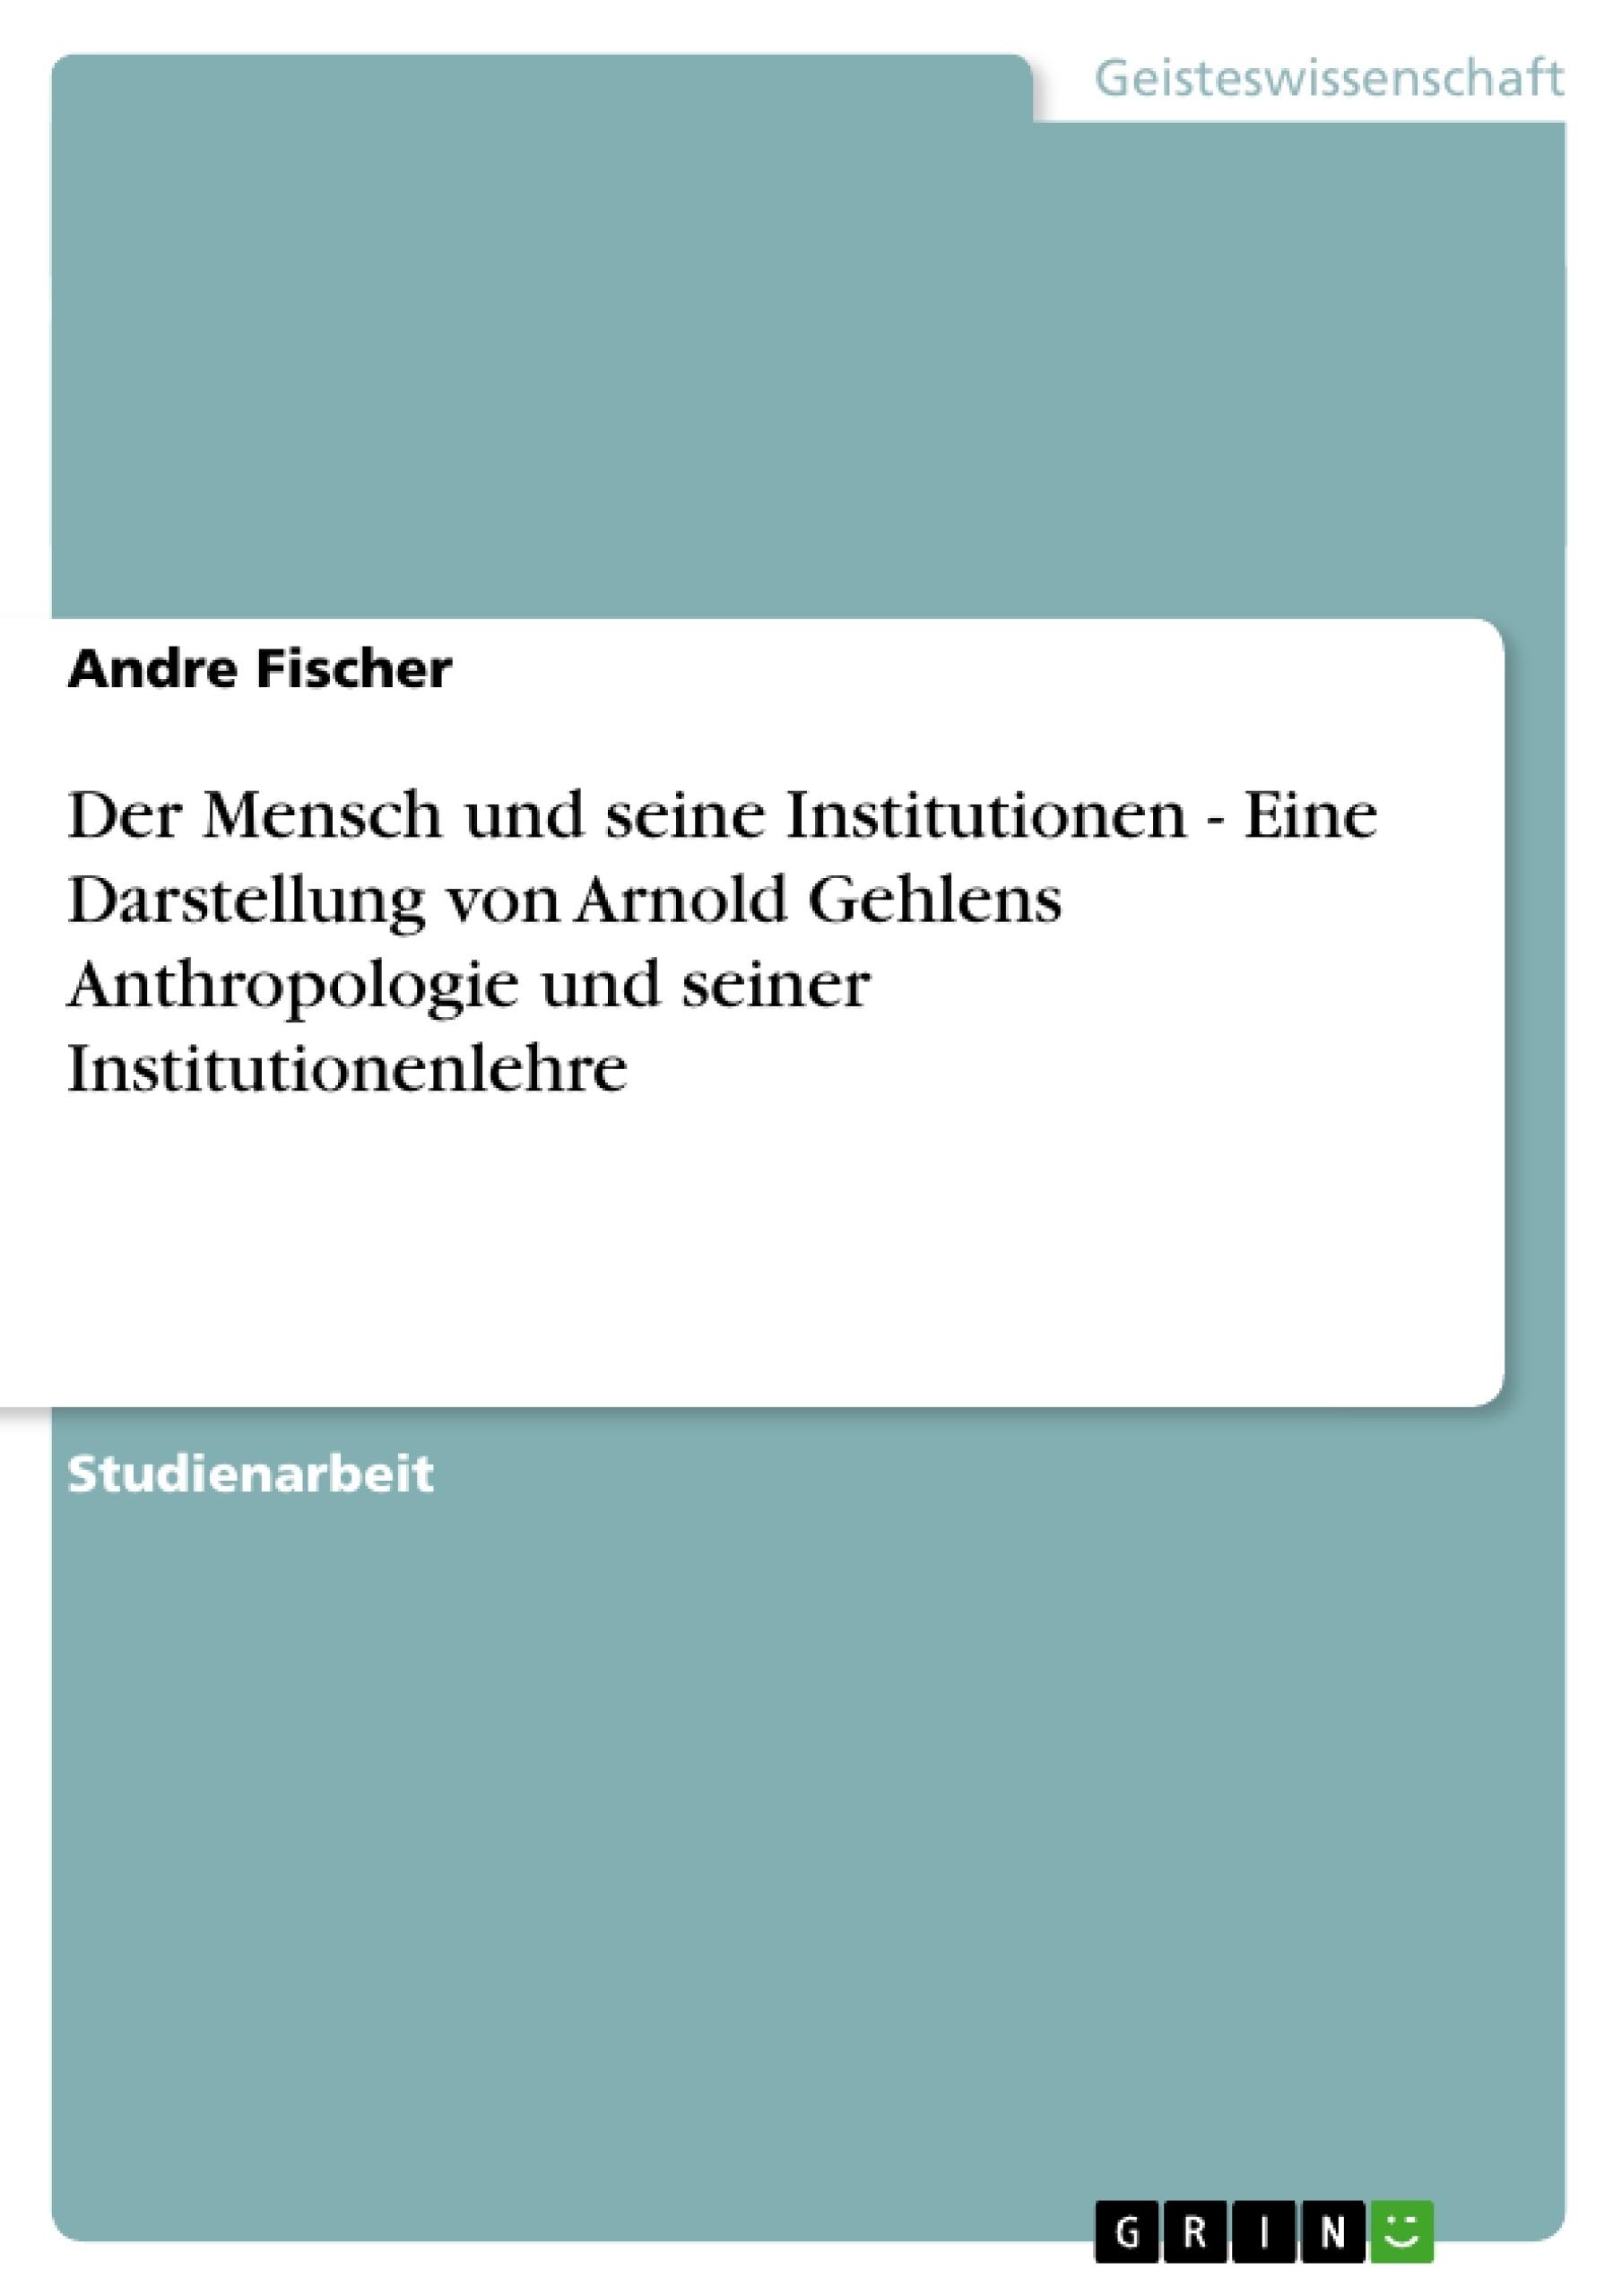 Titel: Der Mensch und seine Institutionen - Eine Darstellung von Arnold Gehlens Anthropologie und seiner Institutionenlehre